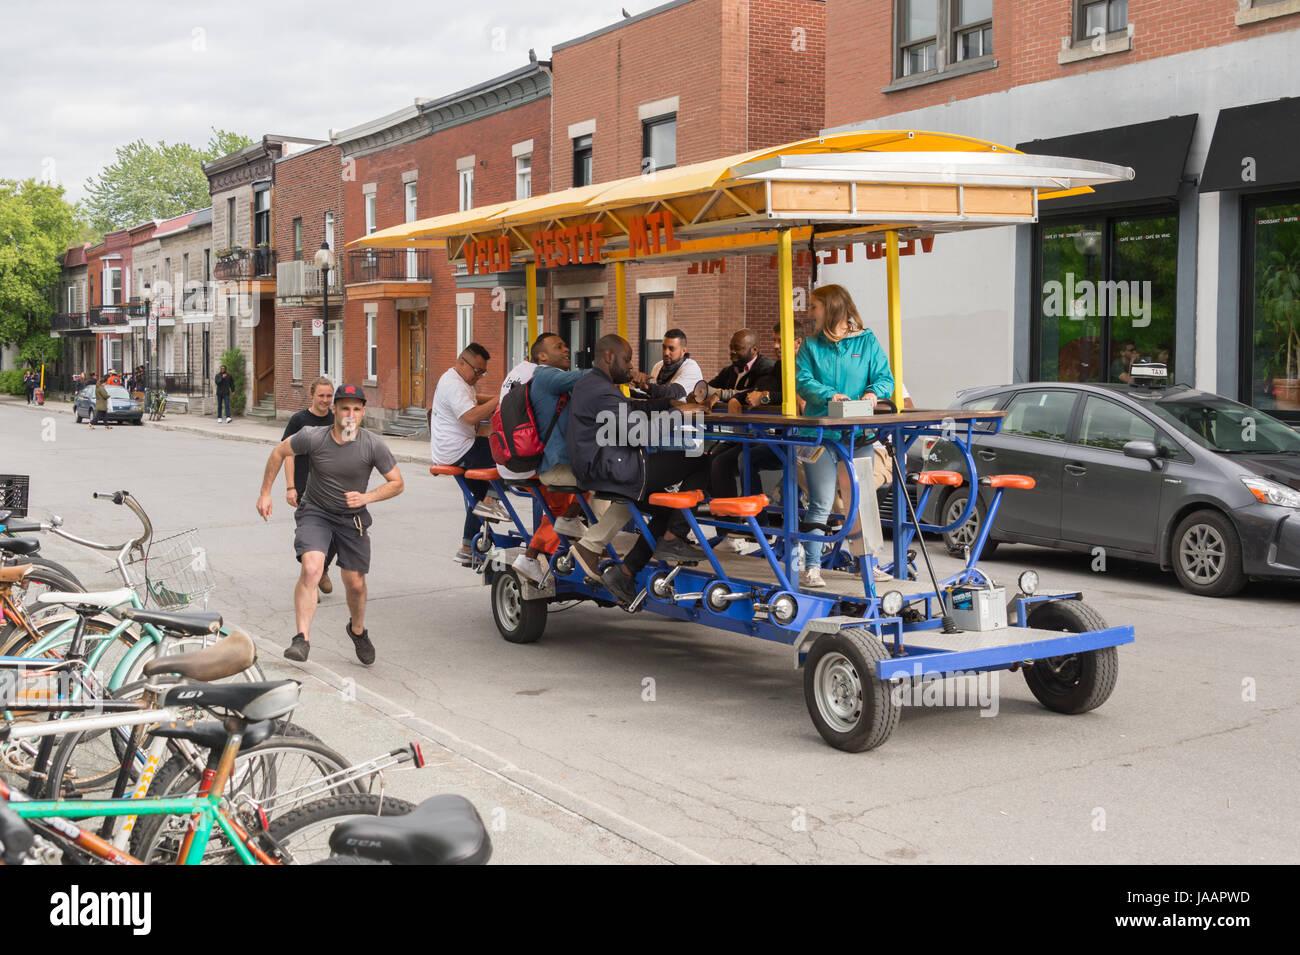 """Montreal, Canada - 03 Giugno 2017: persone su """"Velo Festif' party bike nel Plateau Immagini Stock"""